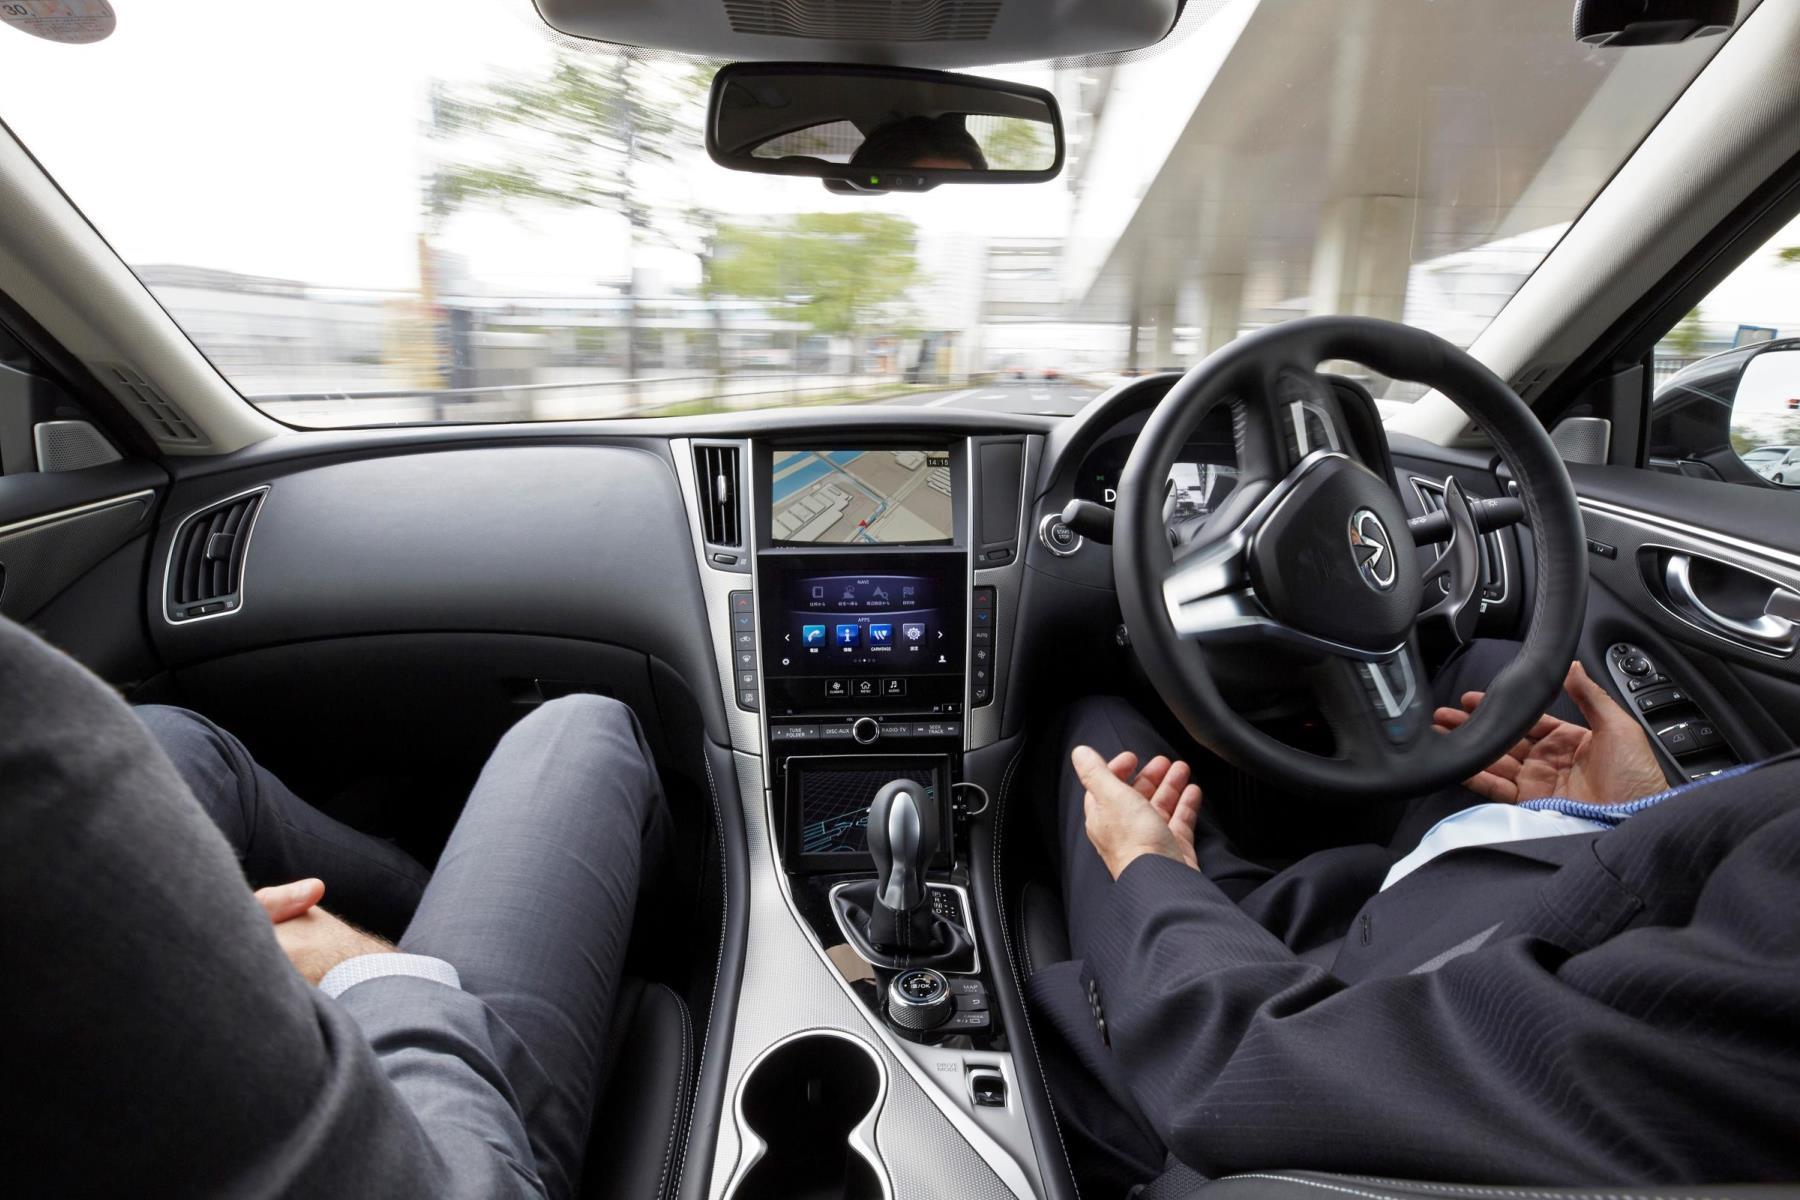 Nissan's autonomous driving prototype